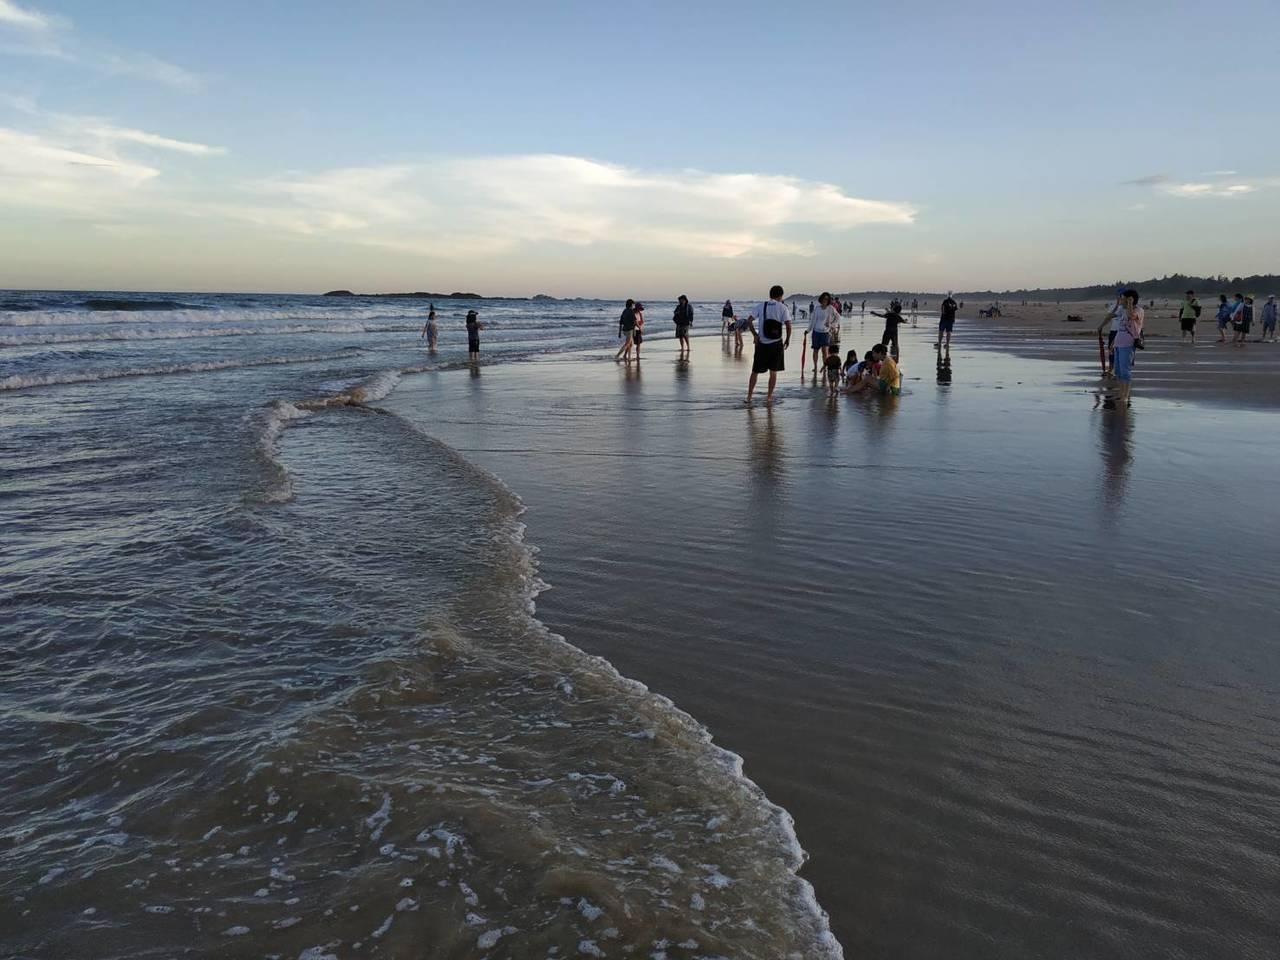 金門的花蛤產量多,每年夏天海邊都會擠滿遊客忙著挖花蛤。記者蔡家蓁/攝影